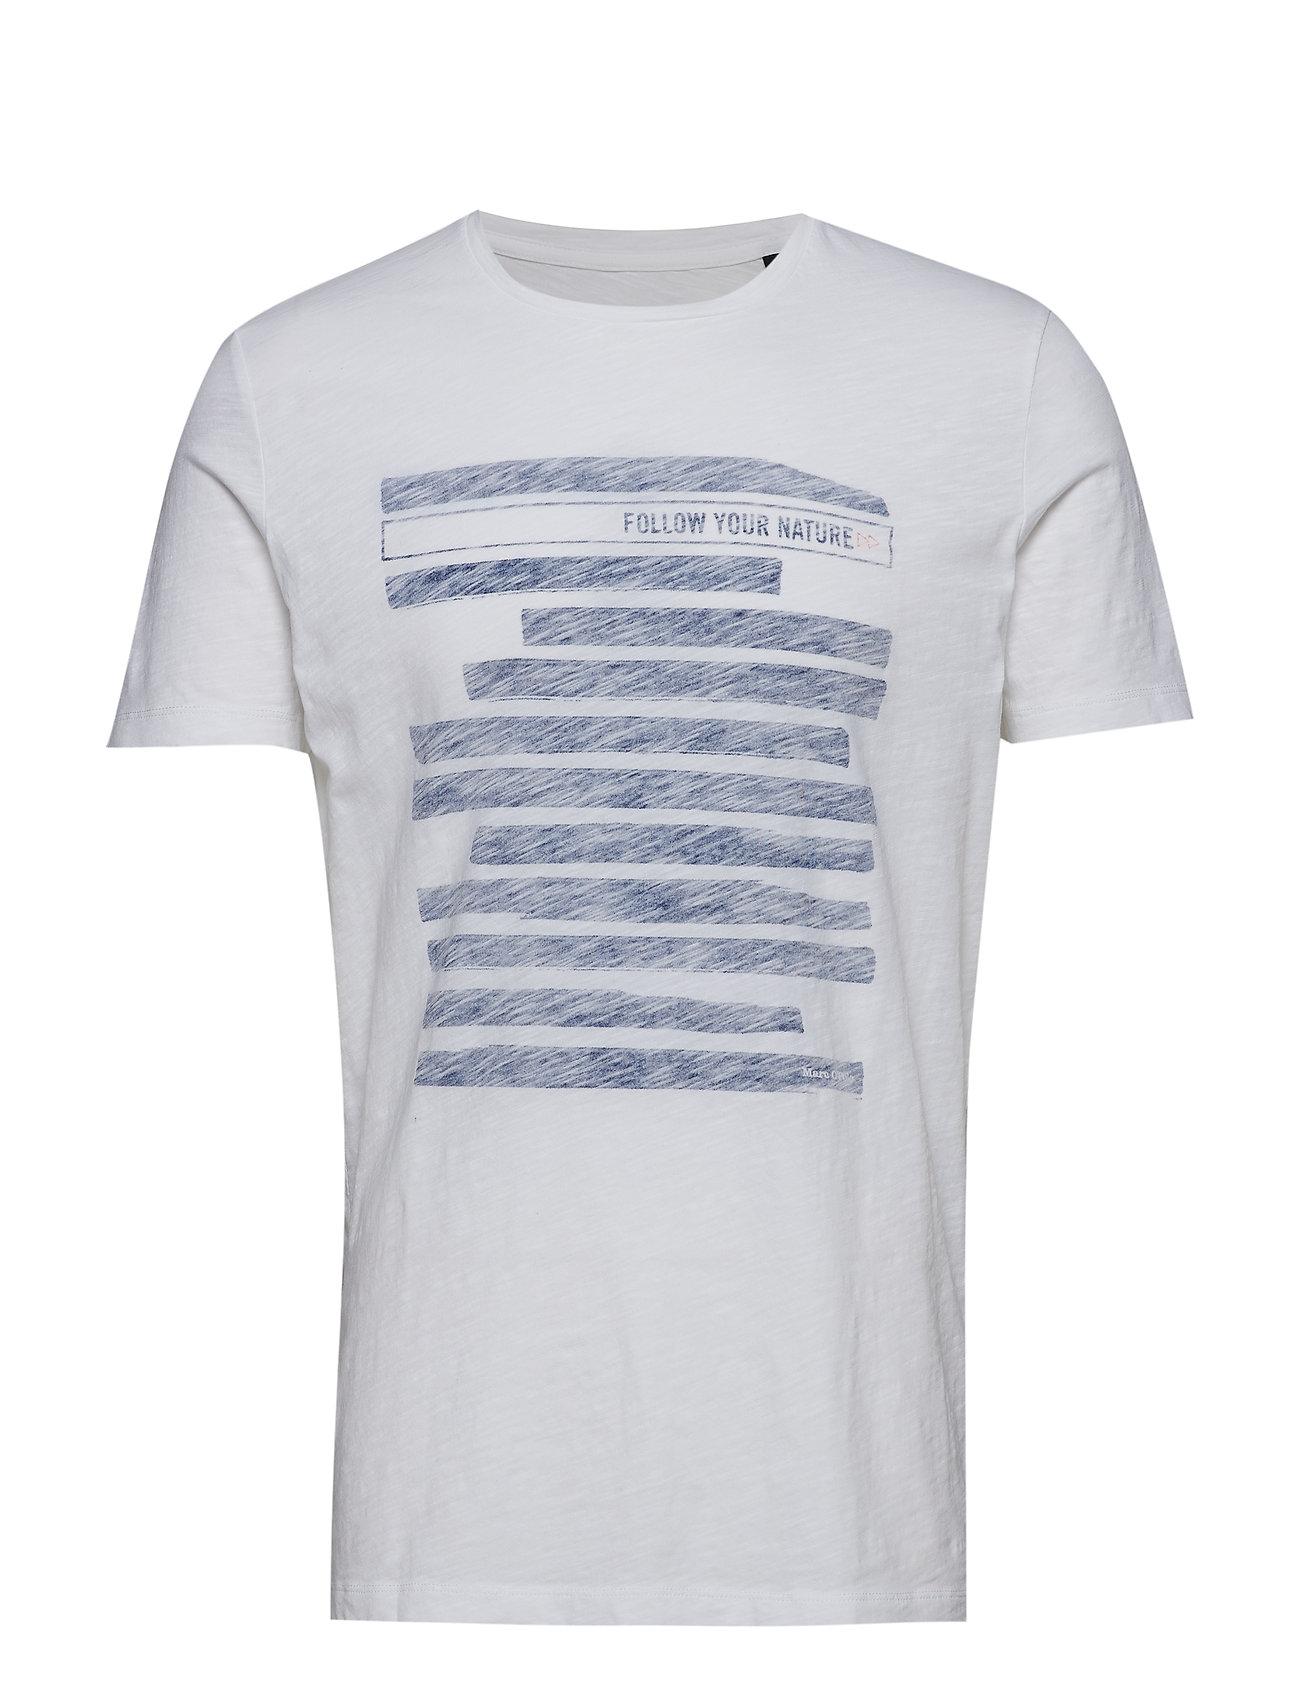 T Short shirt T shirt SleevewhiteMarc T SleevewhiteMarc Short O'polo O'polo EDWH2Ye9Ib